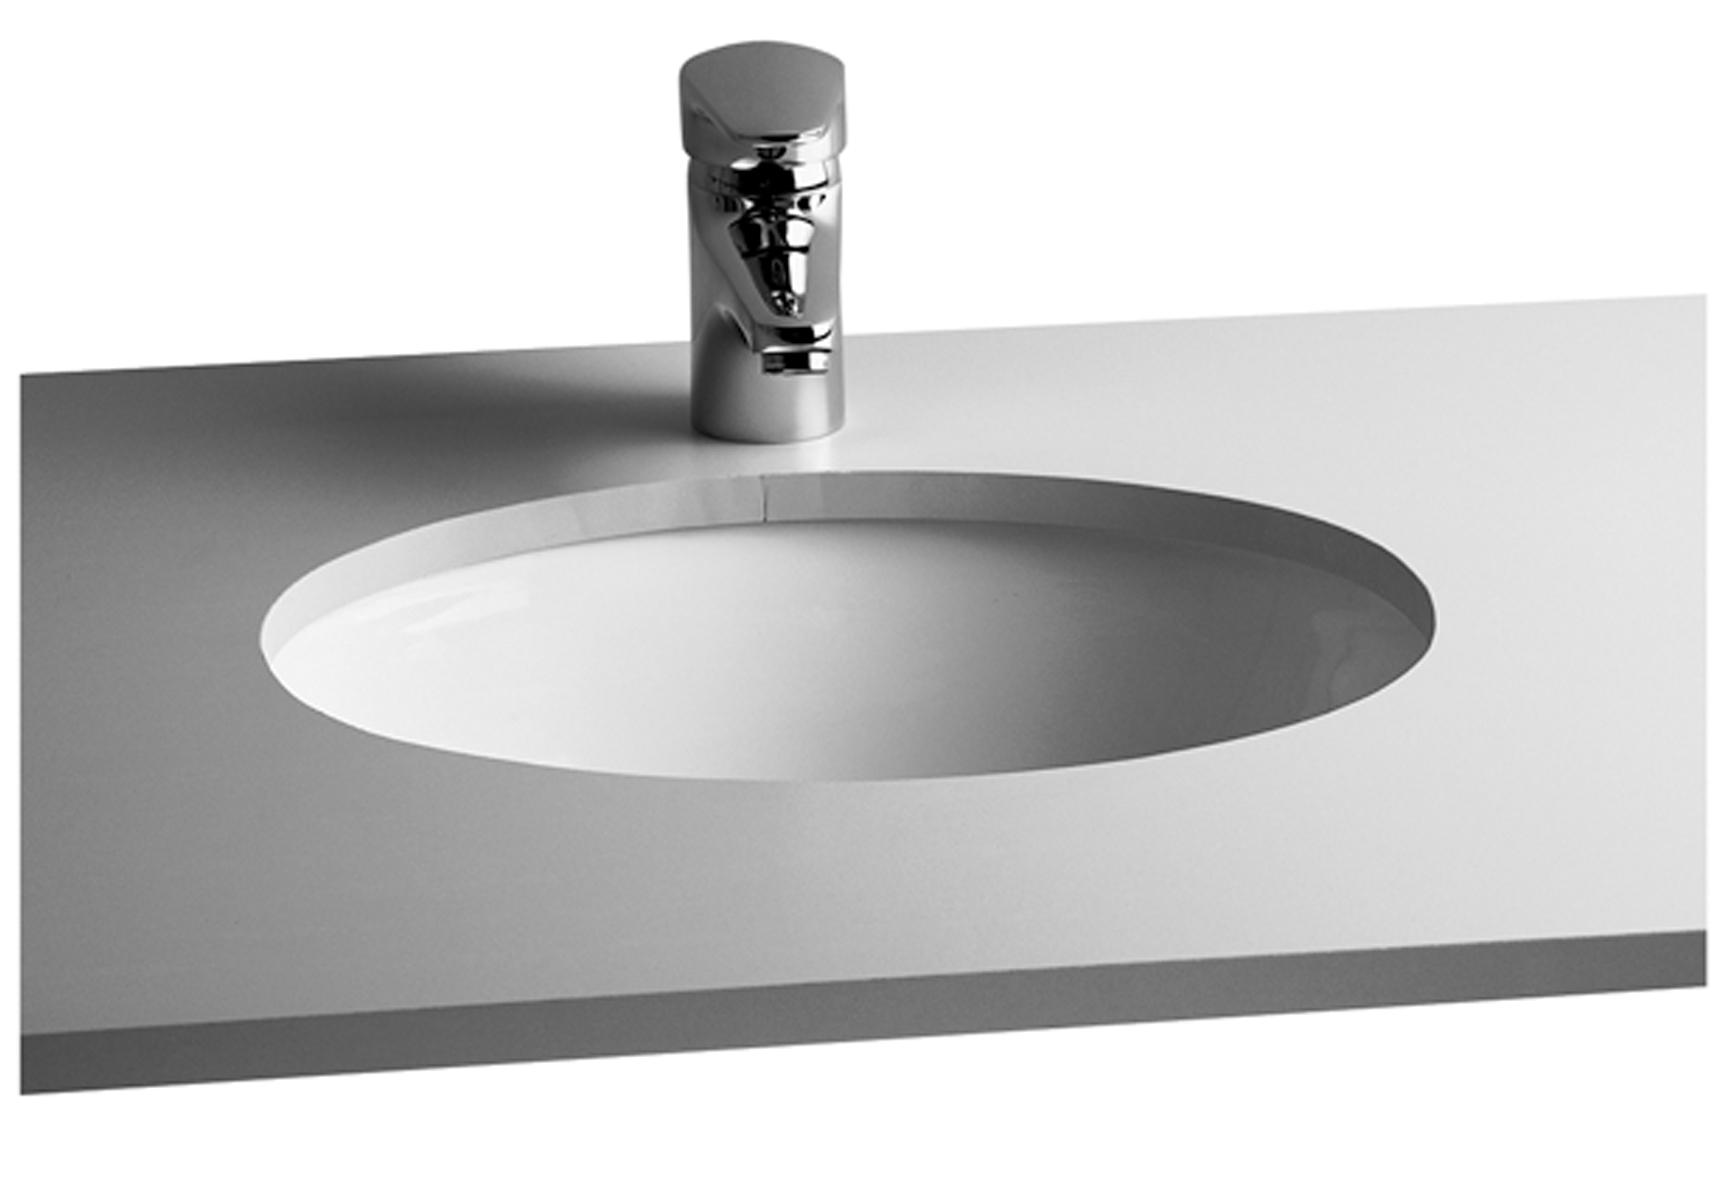 Раковина для мебели Vitra  Pera S20 6039B003-0012 42cm унитаз подвесной vitra form 300 безободковый с микролифтом 7755b003 6039